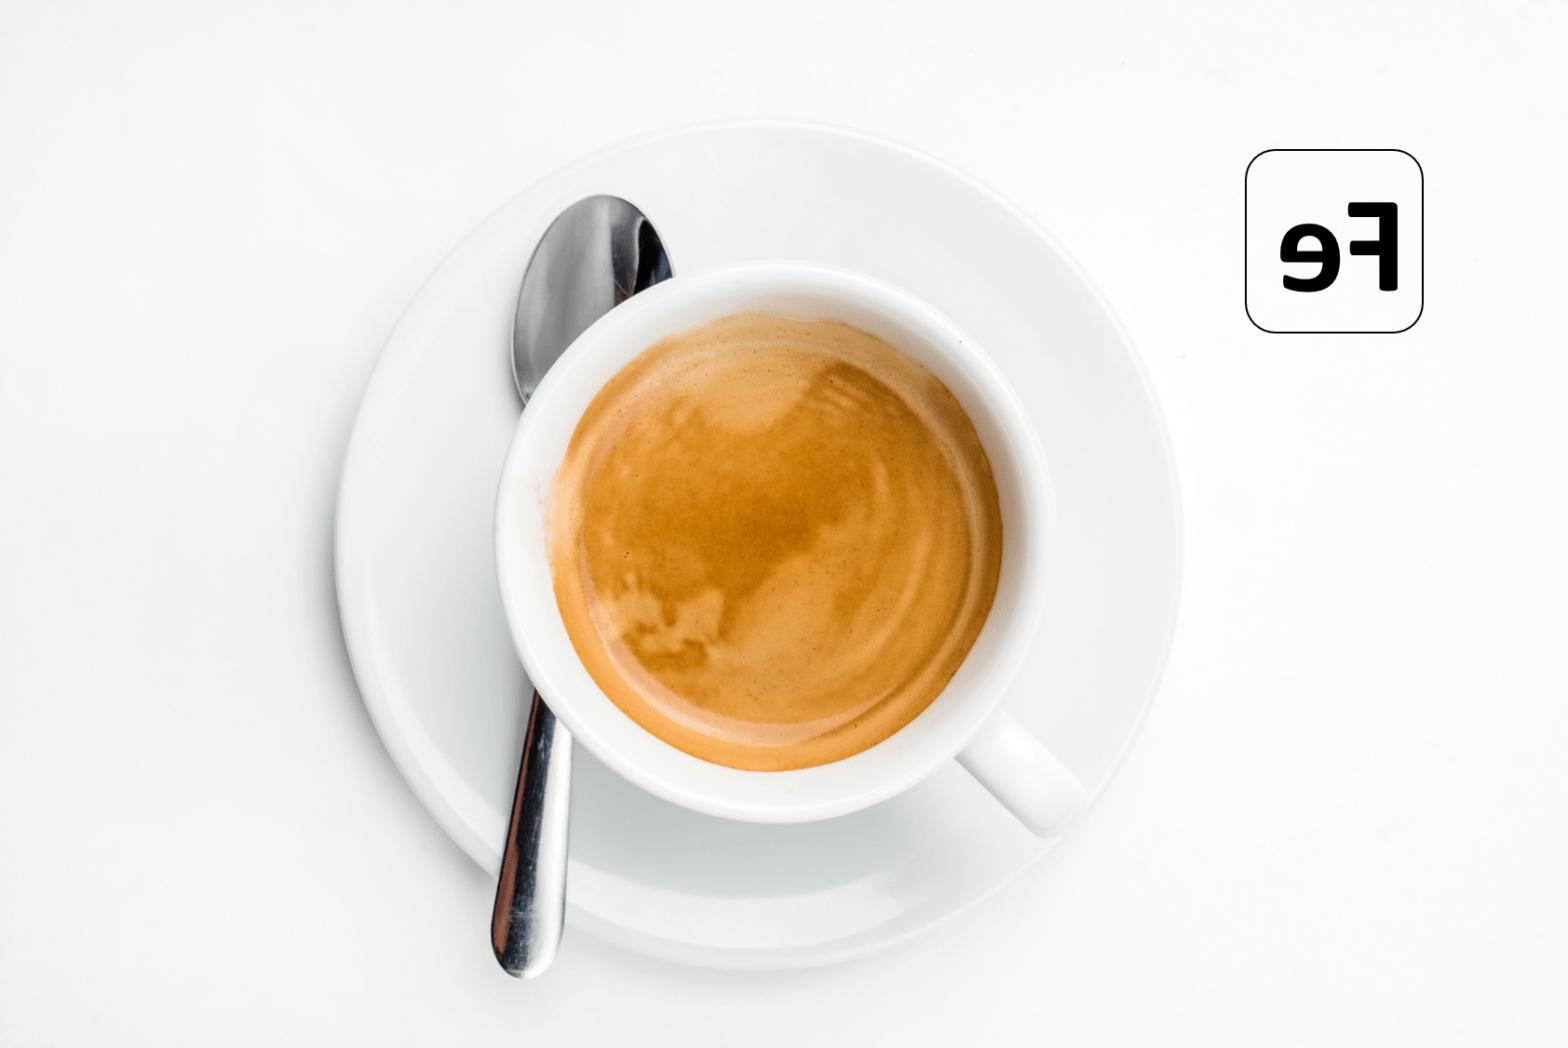 Quels sont les effets indésirables du cafe ?